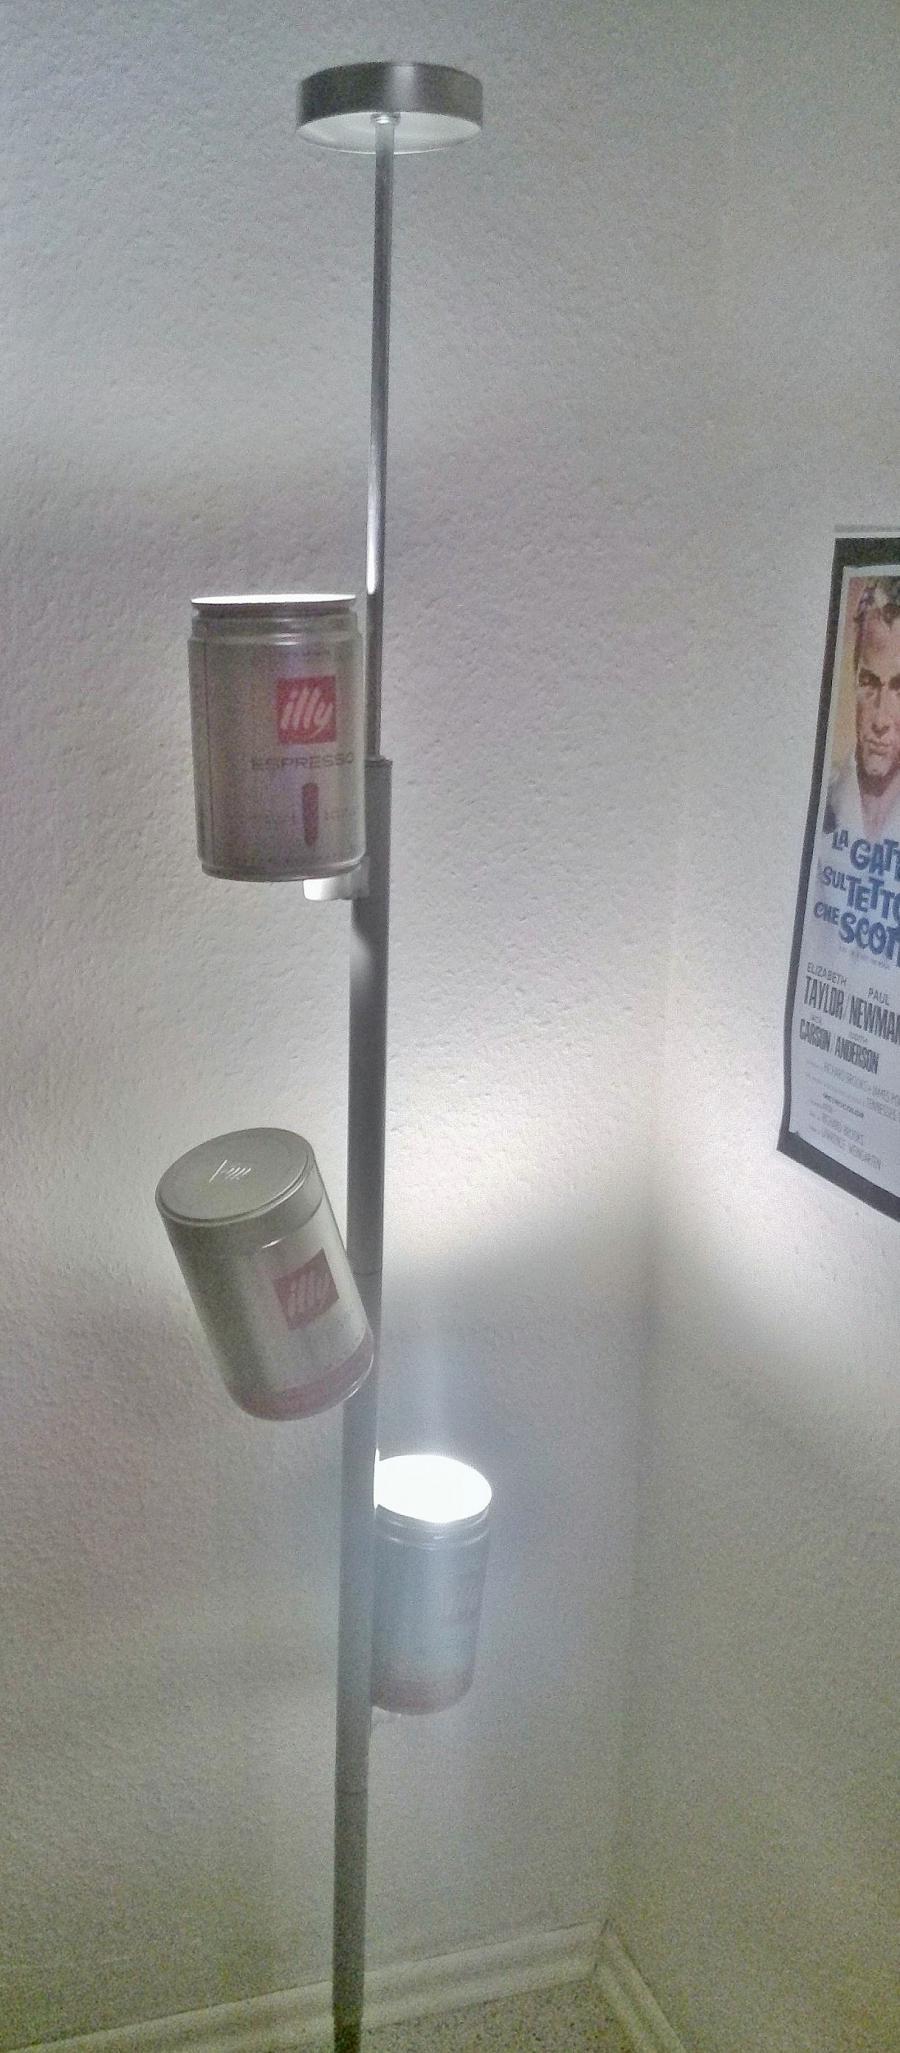 Full Size of Ikea Stehlampe Neu Gestalten Frag Mutti Miniküche Betten Bei Sofa Mit Schlaffunktion Wohnzimmer Küche Kosten 160x200 Stehlampen Schlafzimmer Modulküche Wohnzimmer Ikea Stehlampe